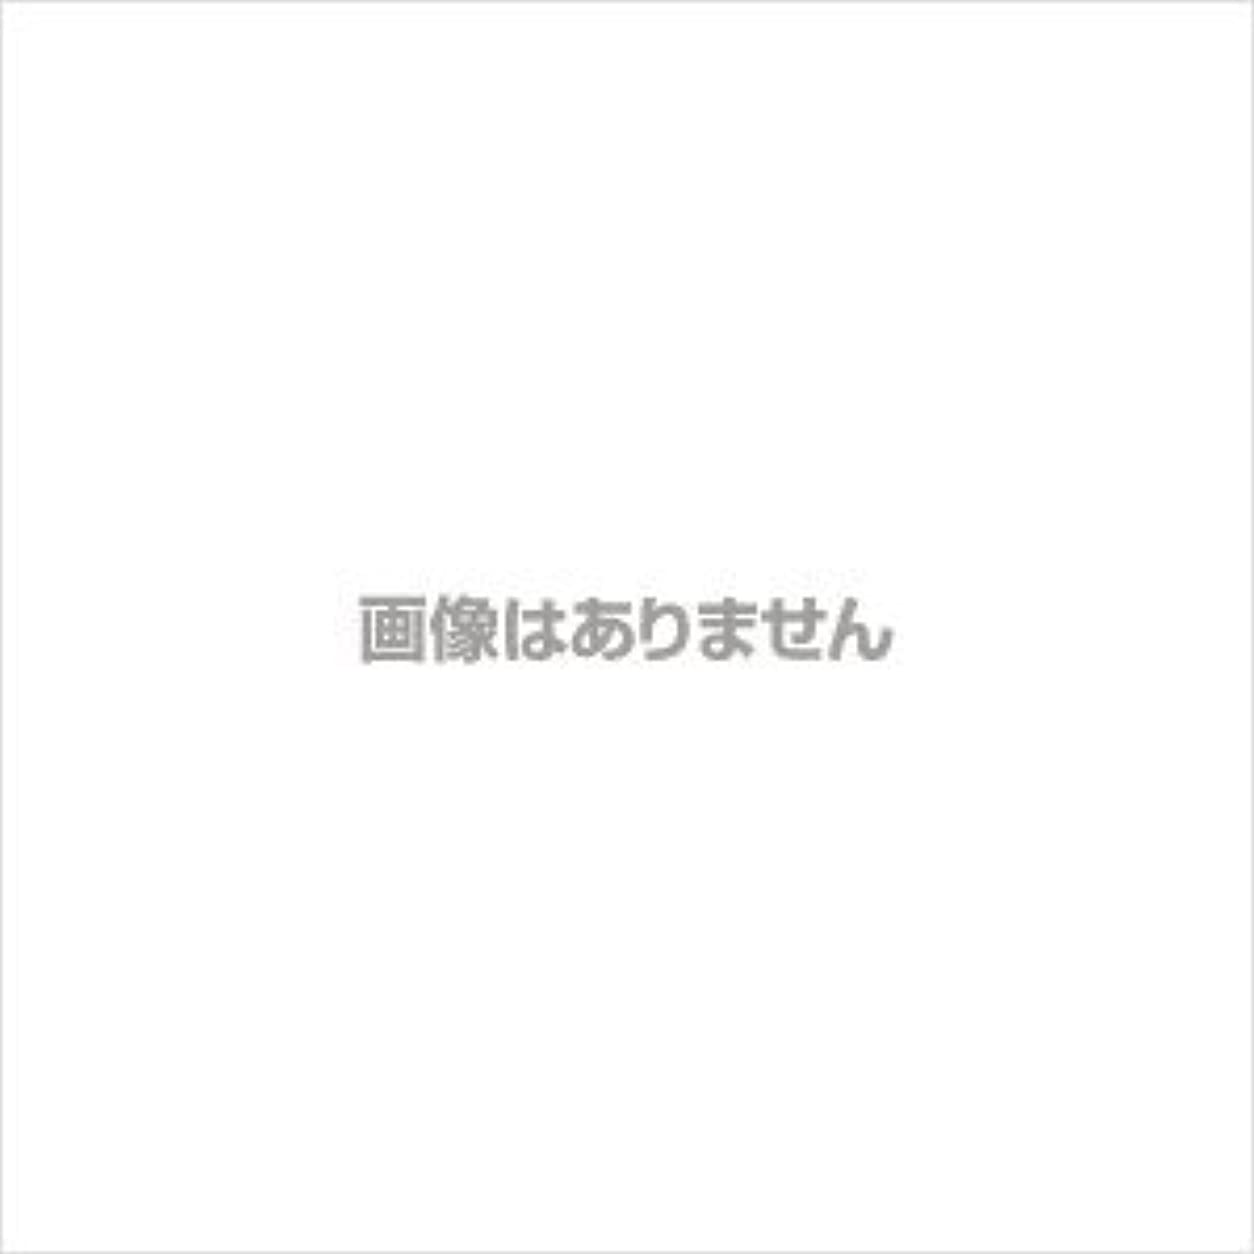 素晴らしさ衣装オペレーターエスティローダー サイバーホワイトEX ホワイトニング パウダー(リフィル)【#04】 #ウォーム バニラ【訳あり】